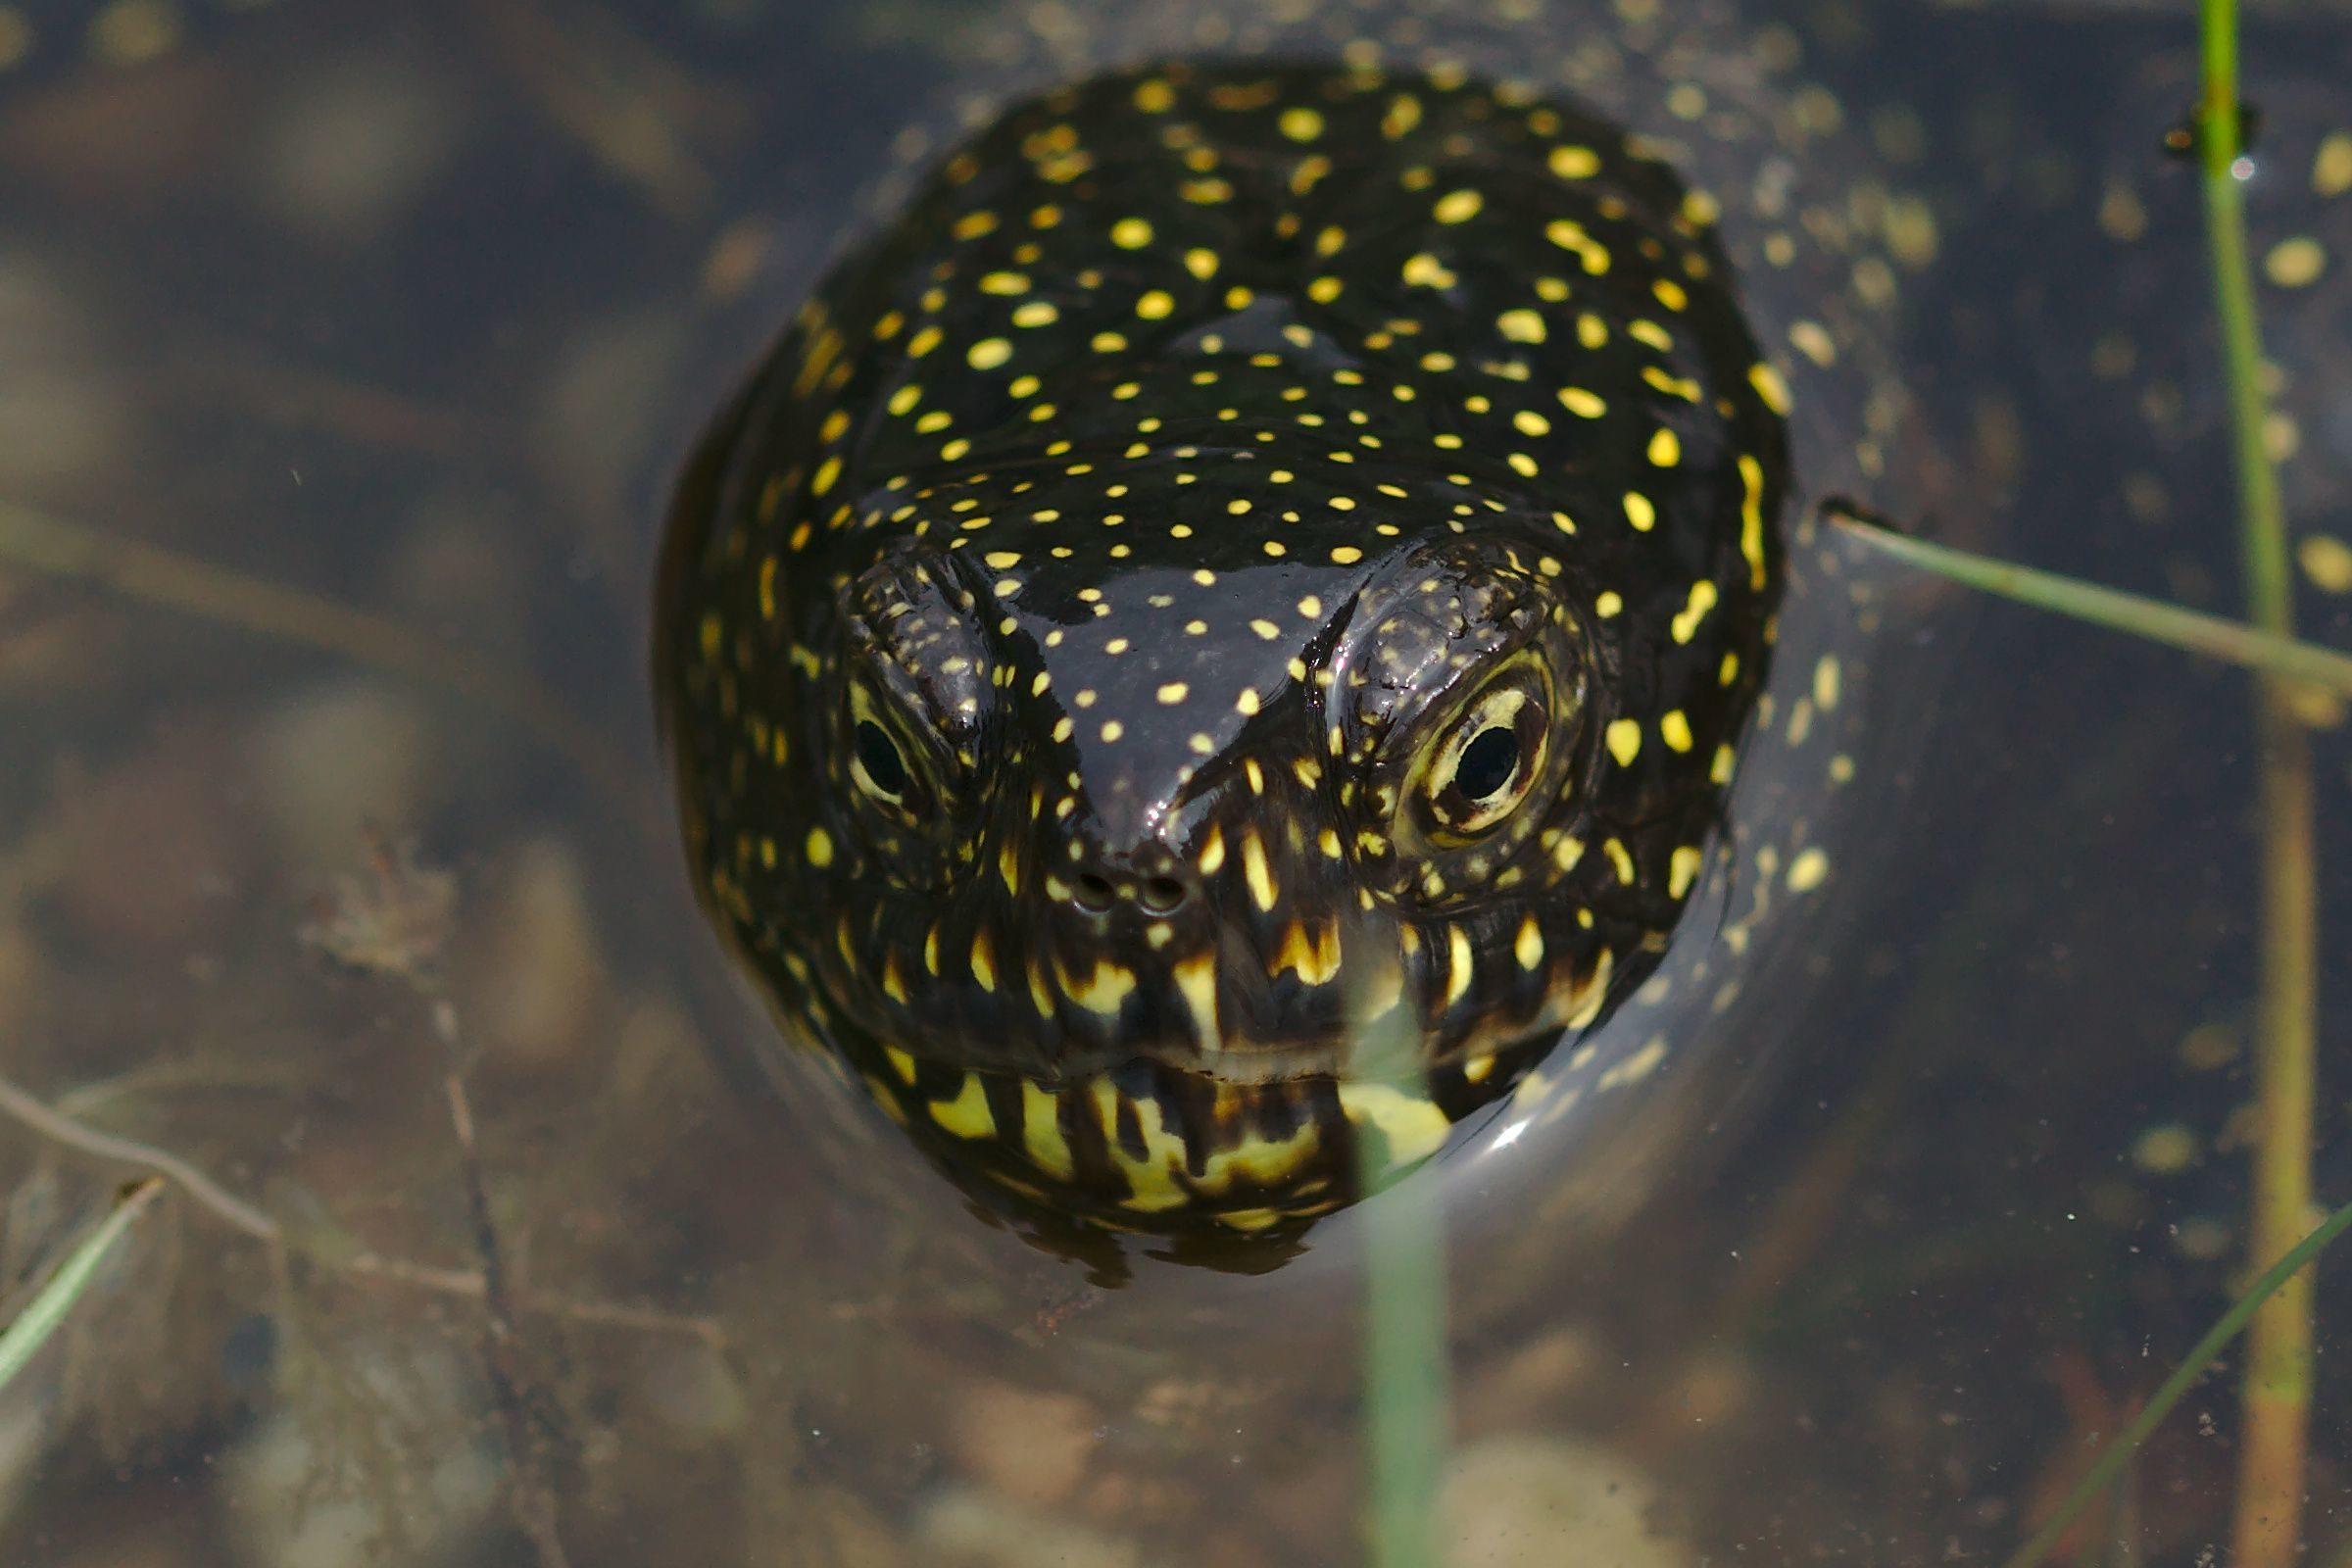 """<a href=""""/emys-orbicularis/"""" target=""""_blank"""" rel=""""noopener noreferrer""""><i>Emys orbicularis</i> (Europäische Sumpfschildkröte)</a>"""